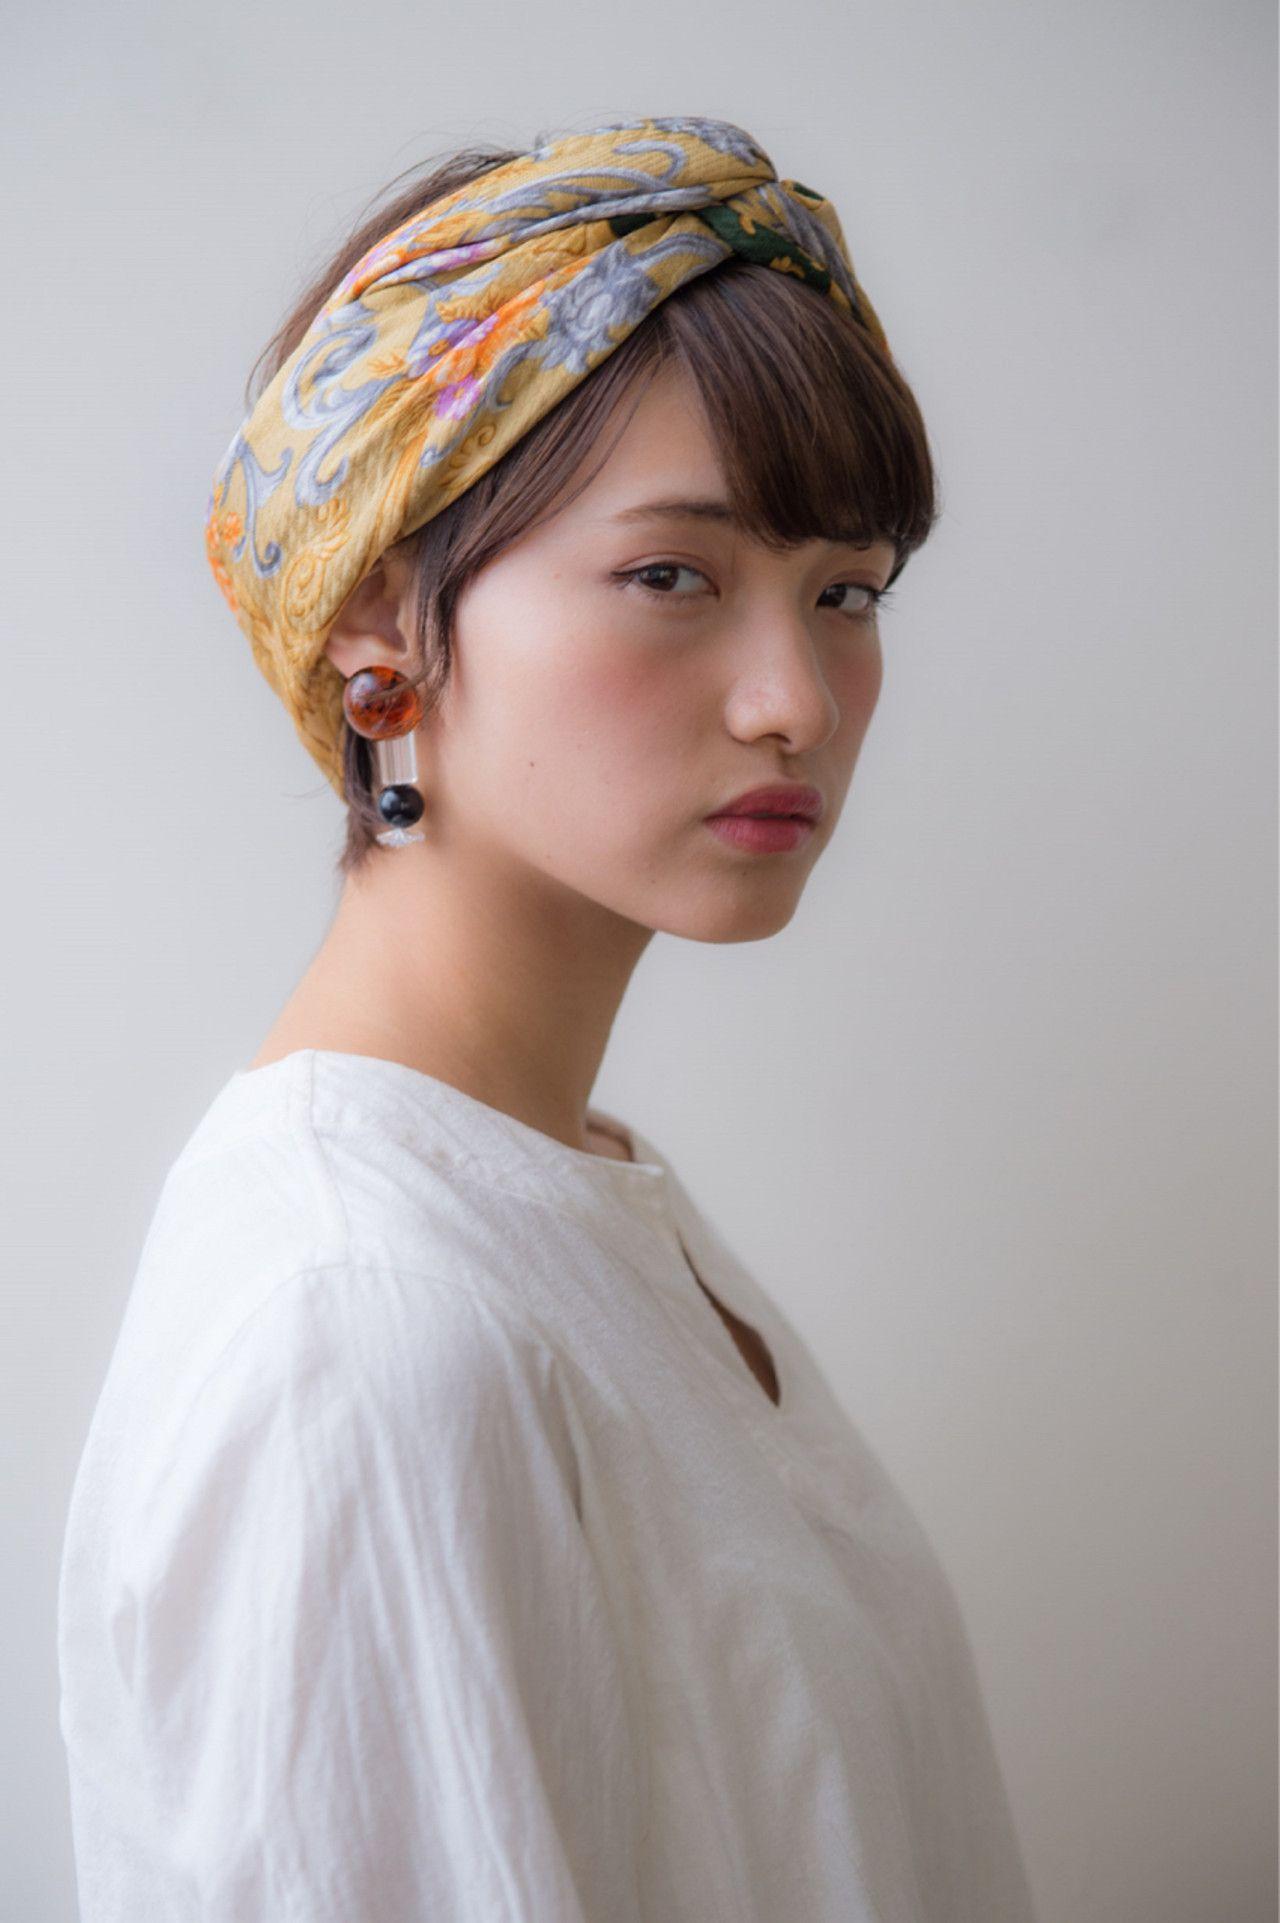 ショート ターバン で特別感あふれるヘアスタイルにトライ Hair バンダナのヘアスタイル ショート ターバン ヘア